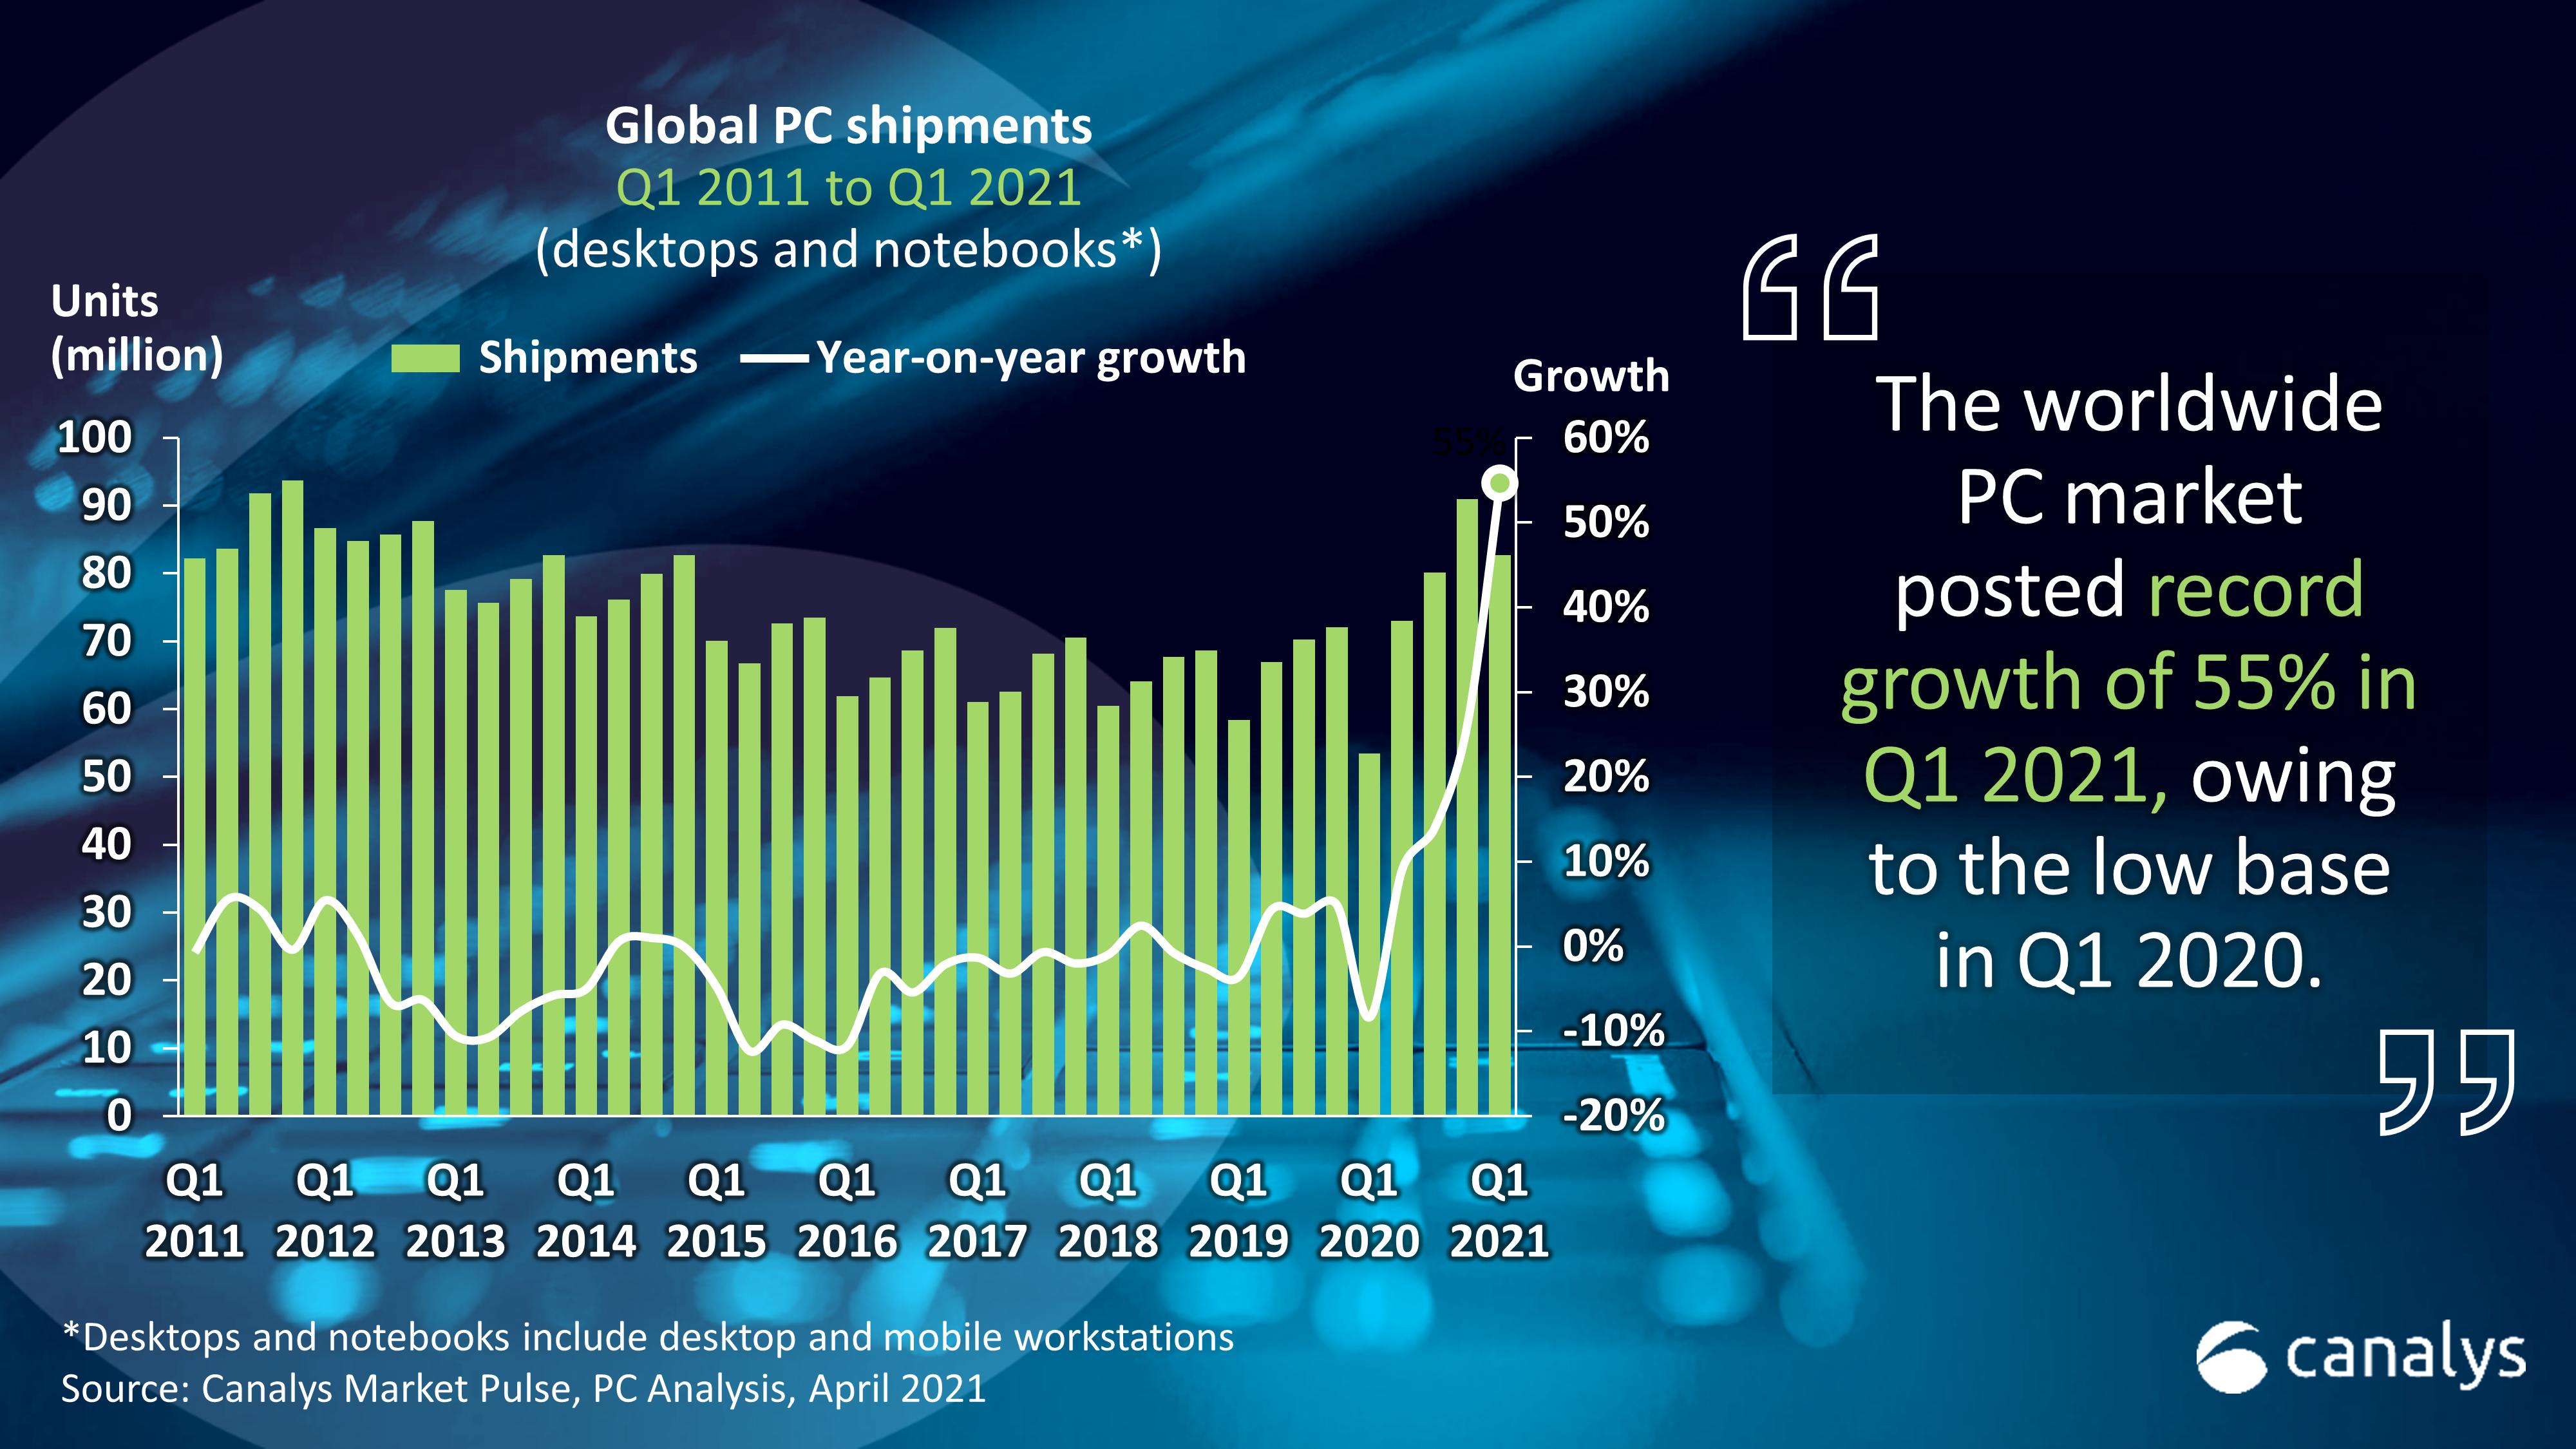 2021년 1분기 PC 시장 54.6% 성장...2012년 이후 가장 높은 1분기 출하량 기록